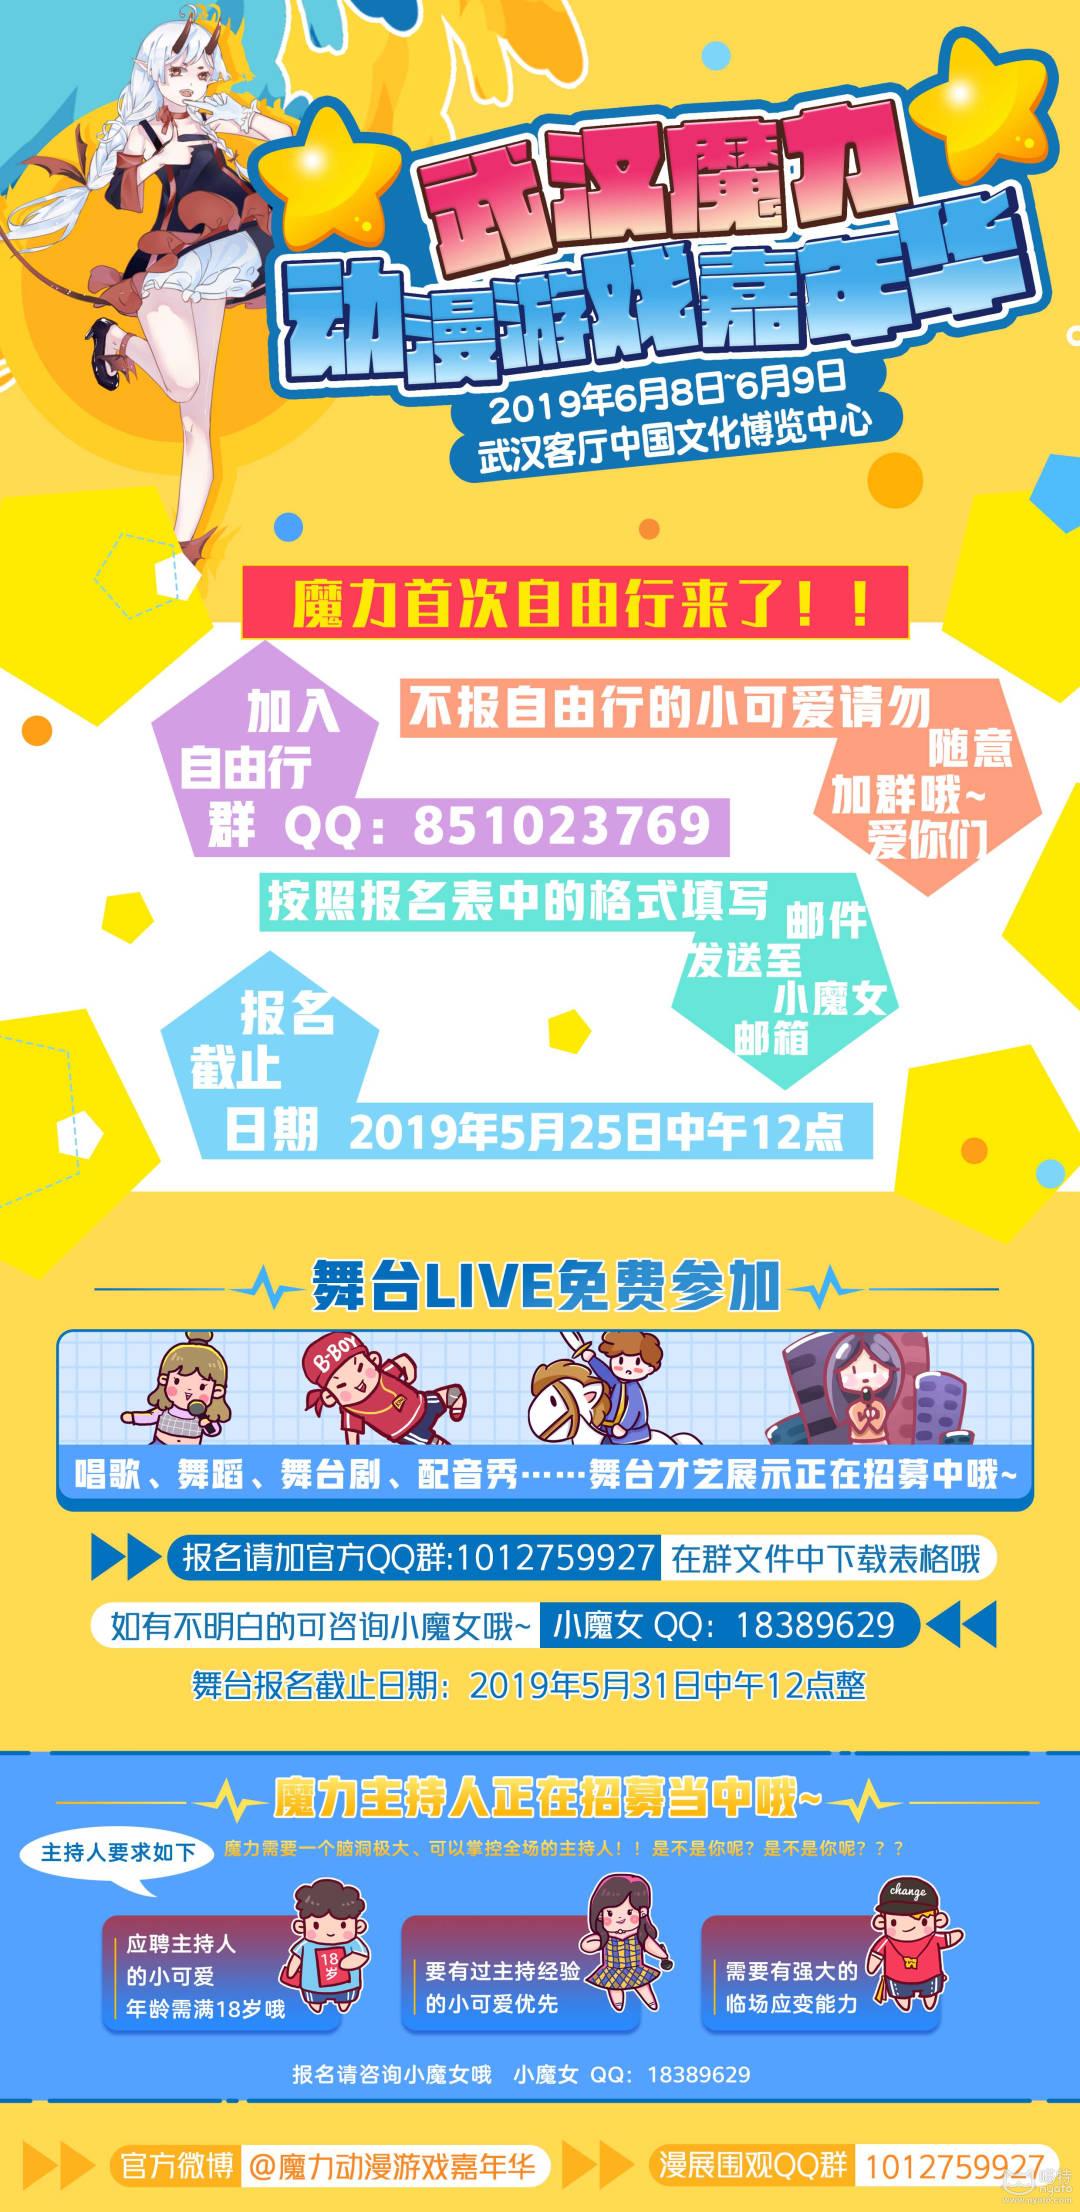 2.自由行,舞台LIVE.jpg